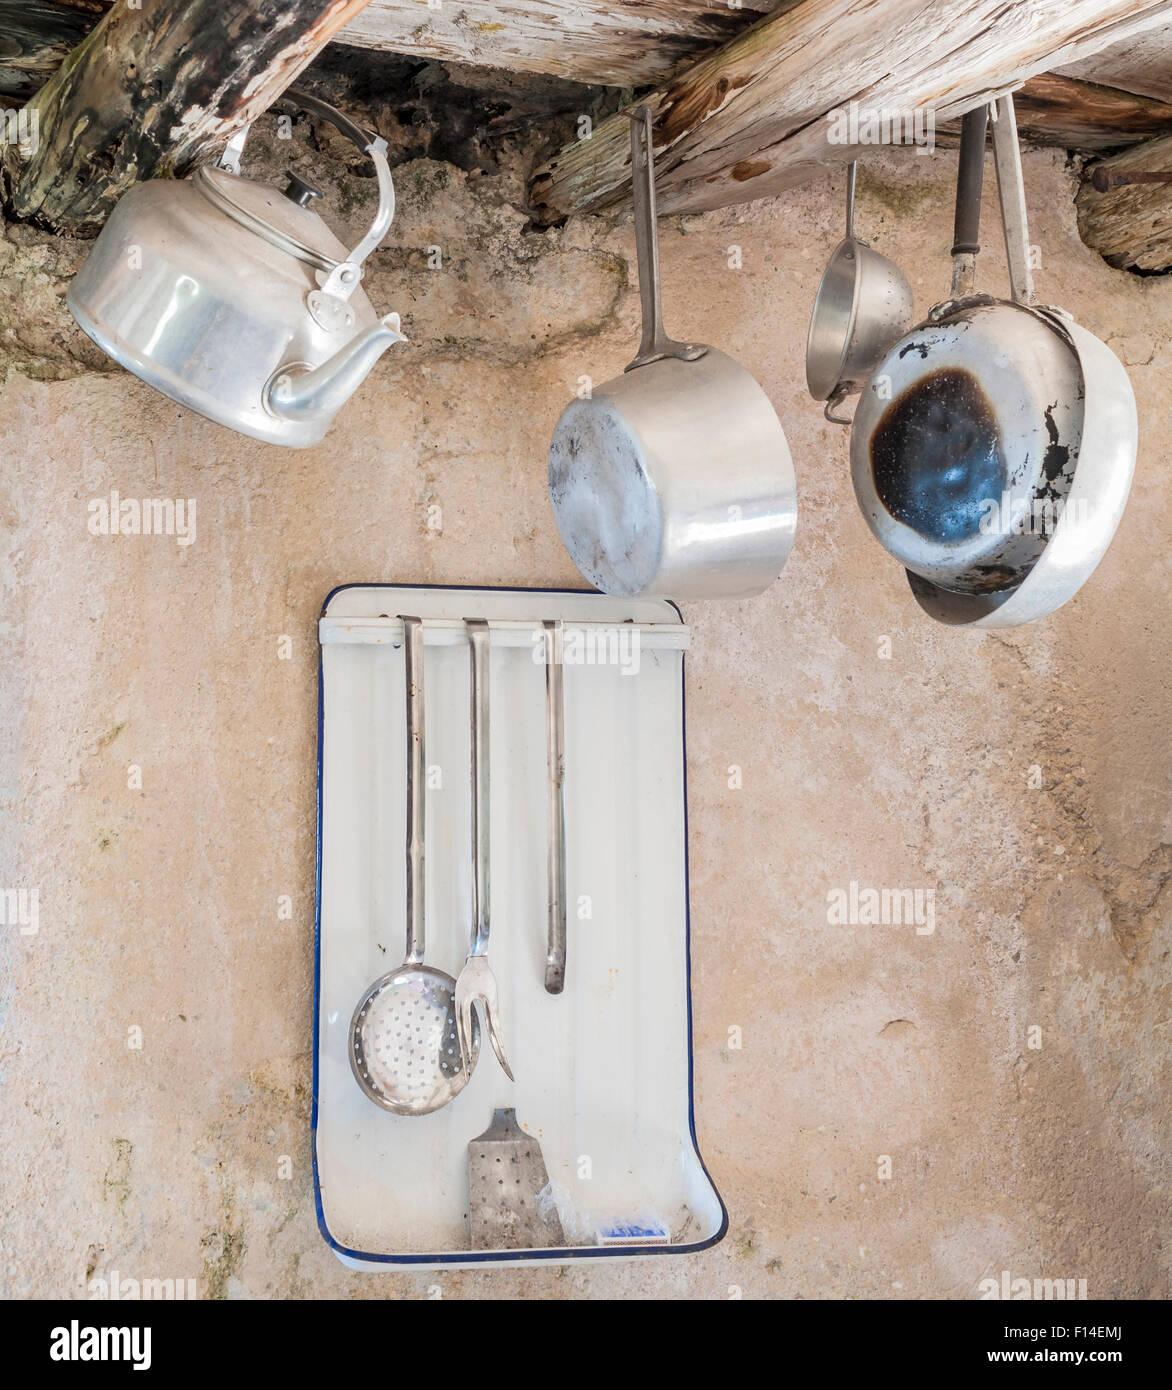 Vecchi utensili da cucina in alluminio. Pendente da vecchie travi in ...